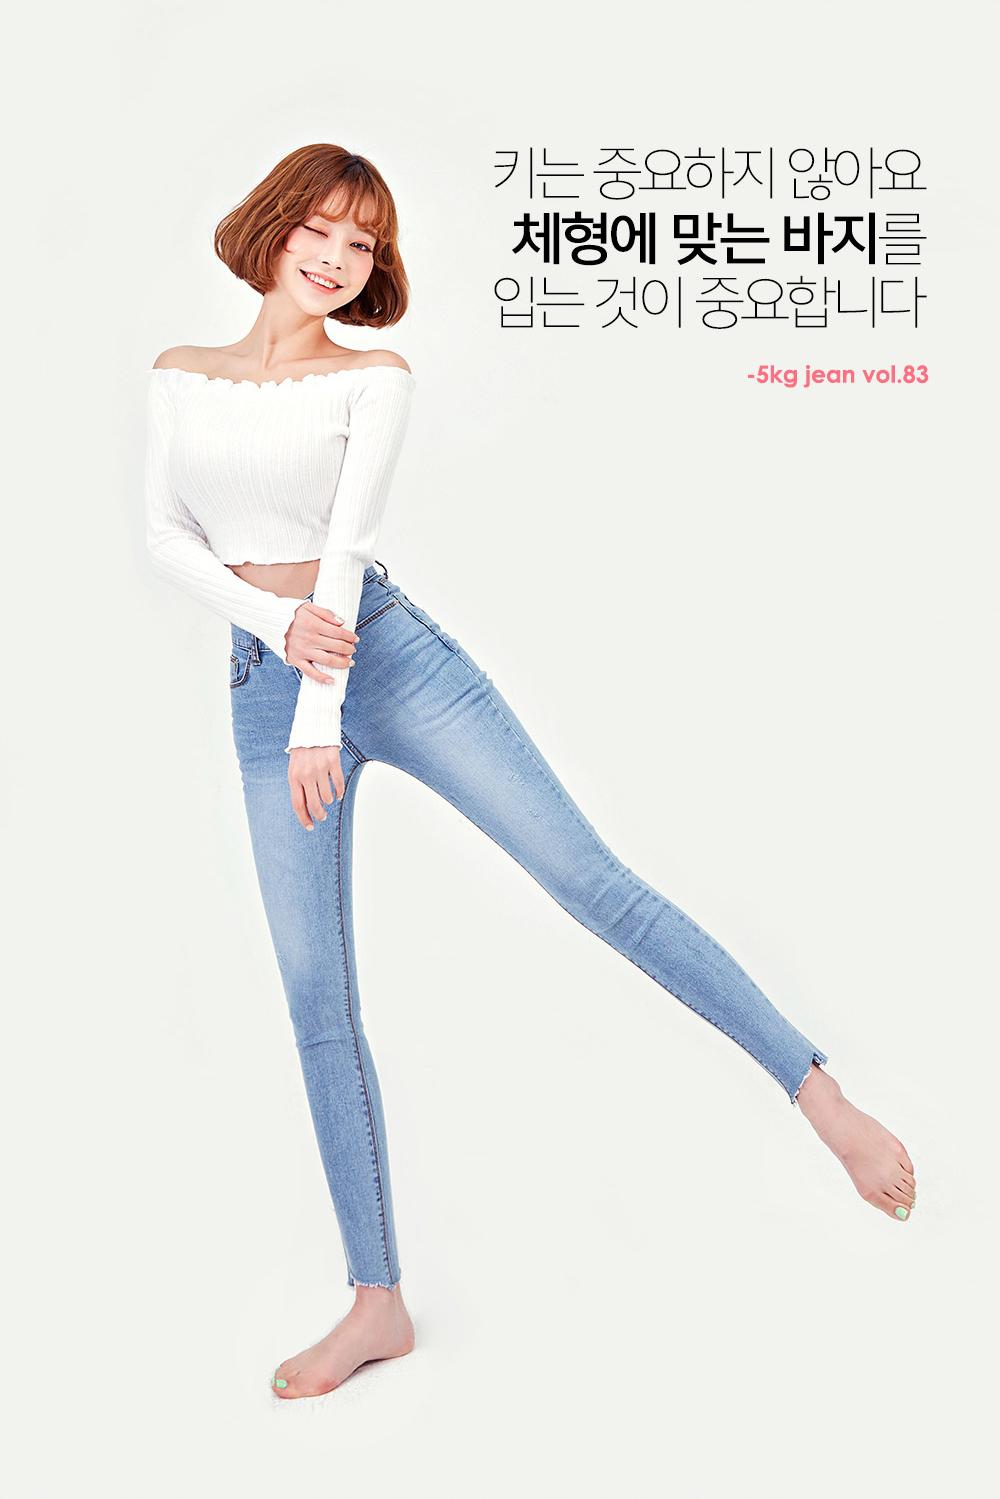 Kang Taeri Image 173357 Asiachan Kpop Image Board